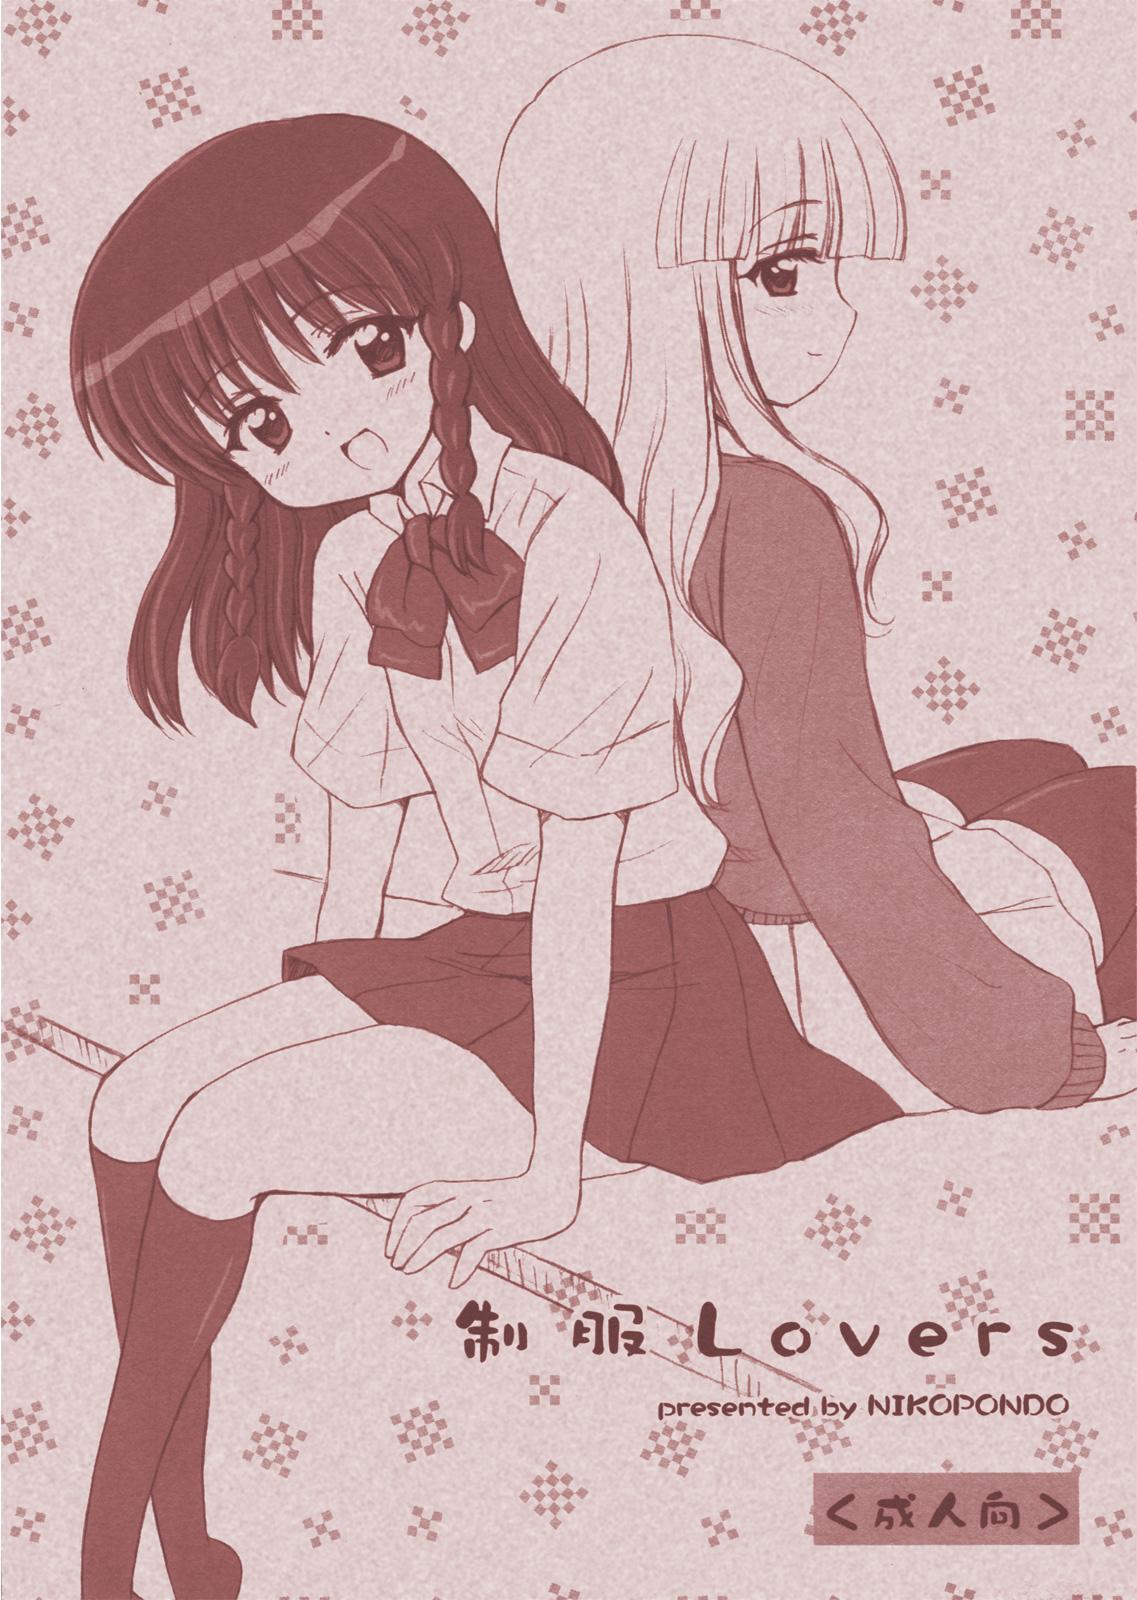 Seifuku Lovers 0